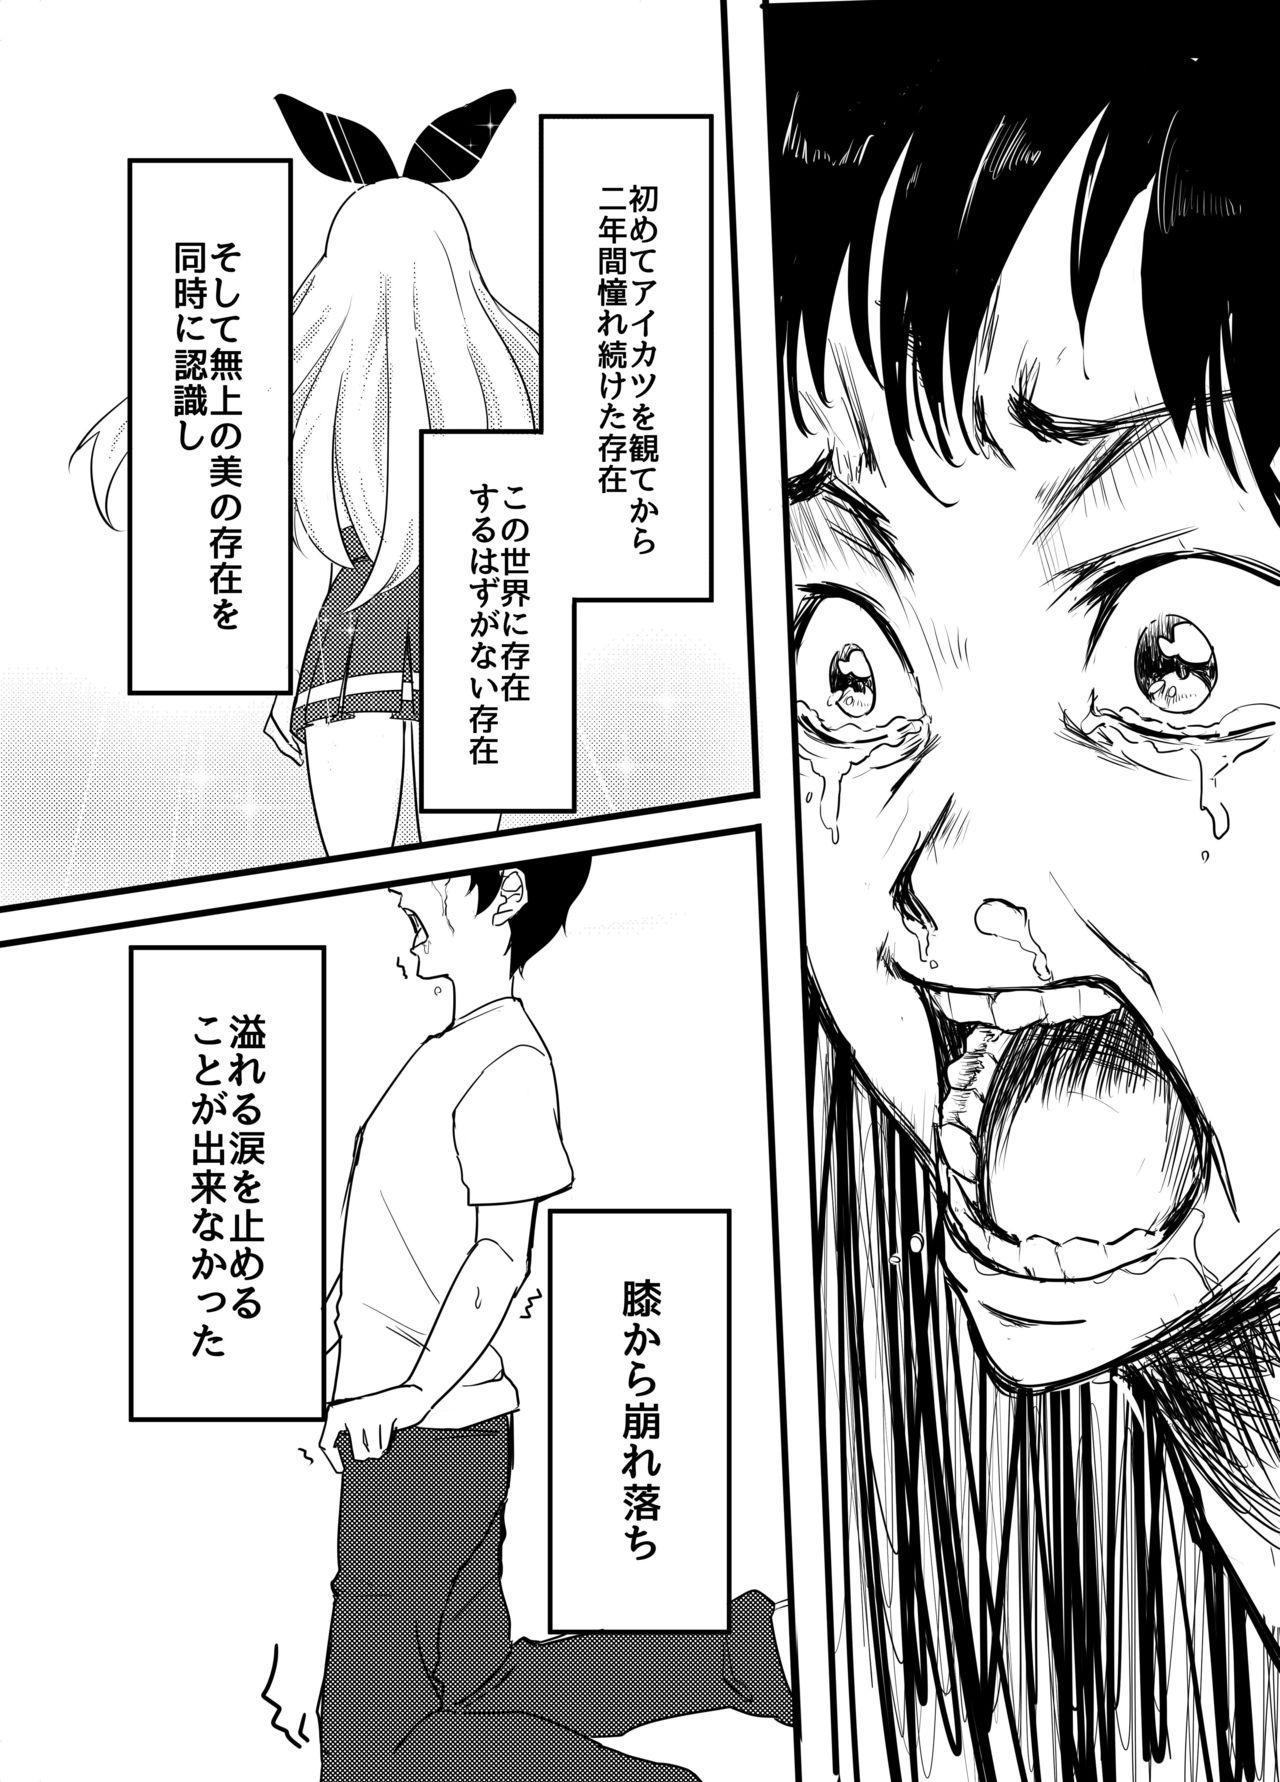 Hoshimiya Ichigo o Goukan Shite Boku wa Hoshi ni Naru. 19